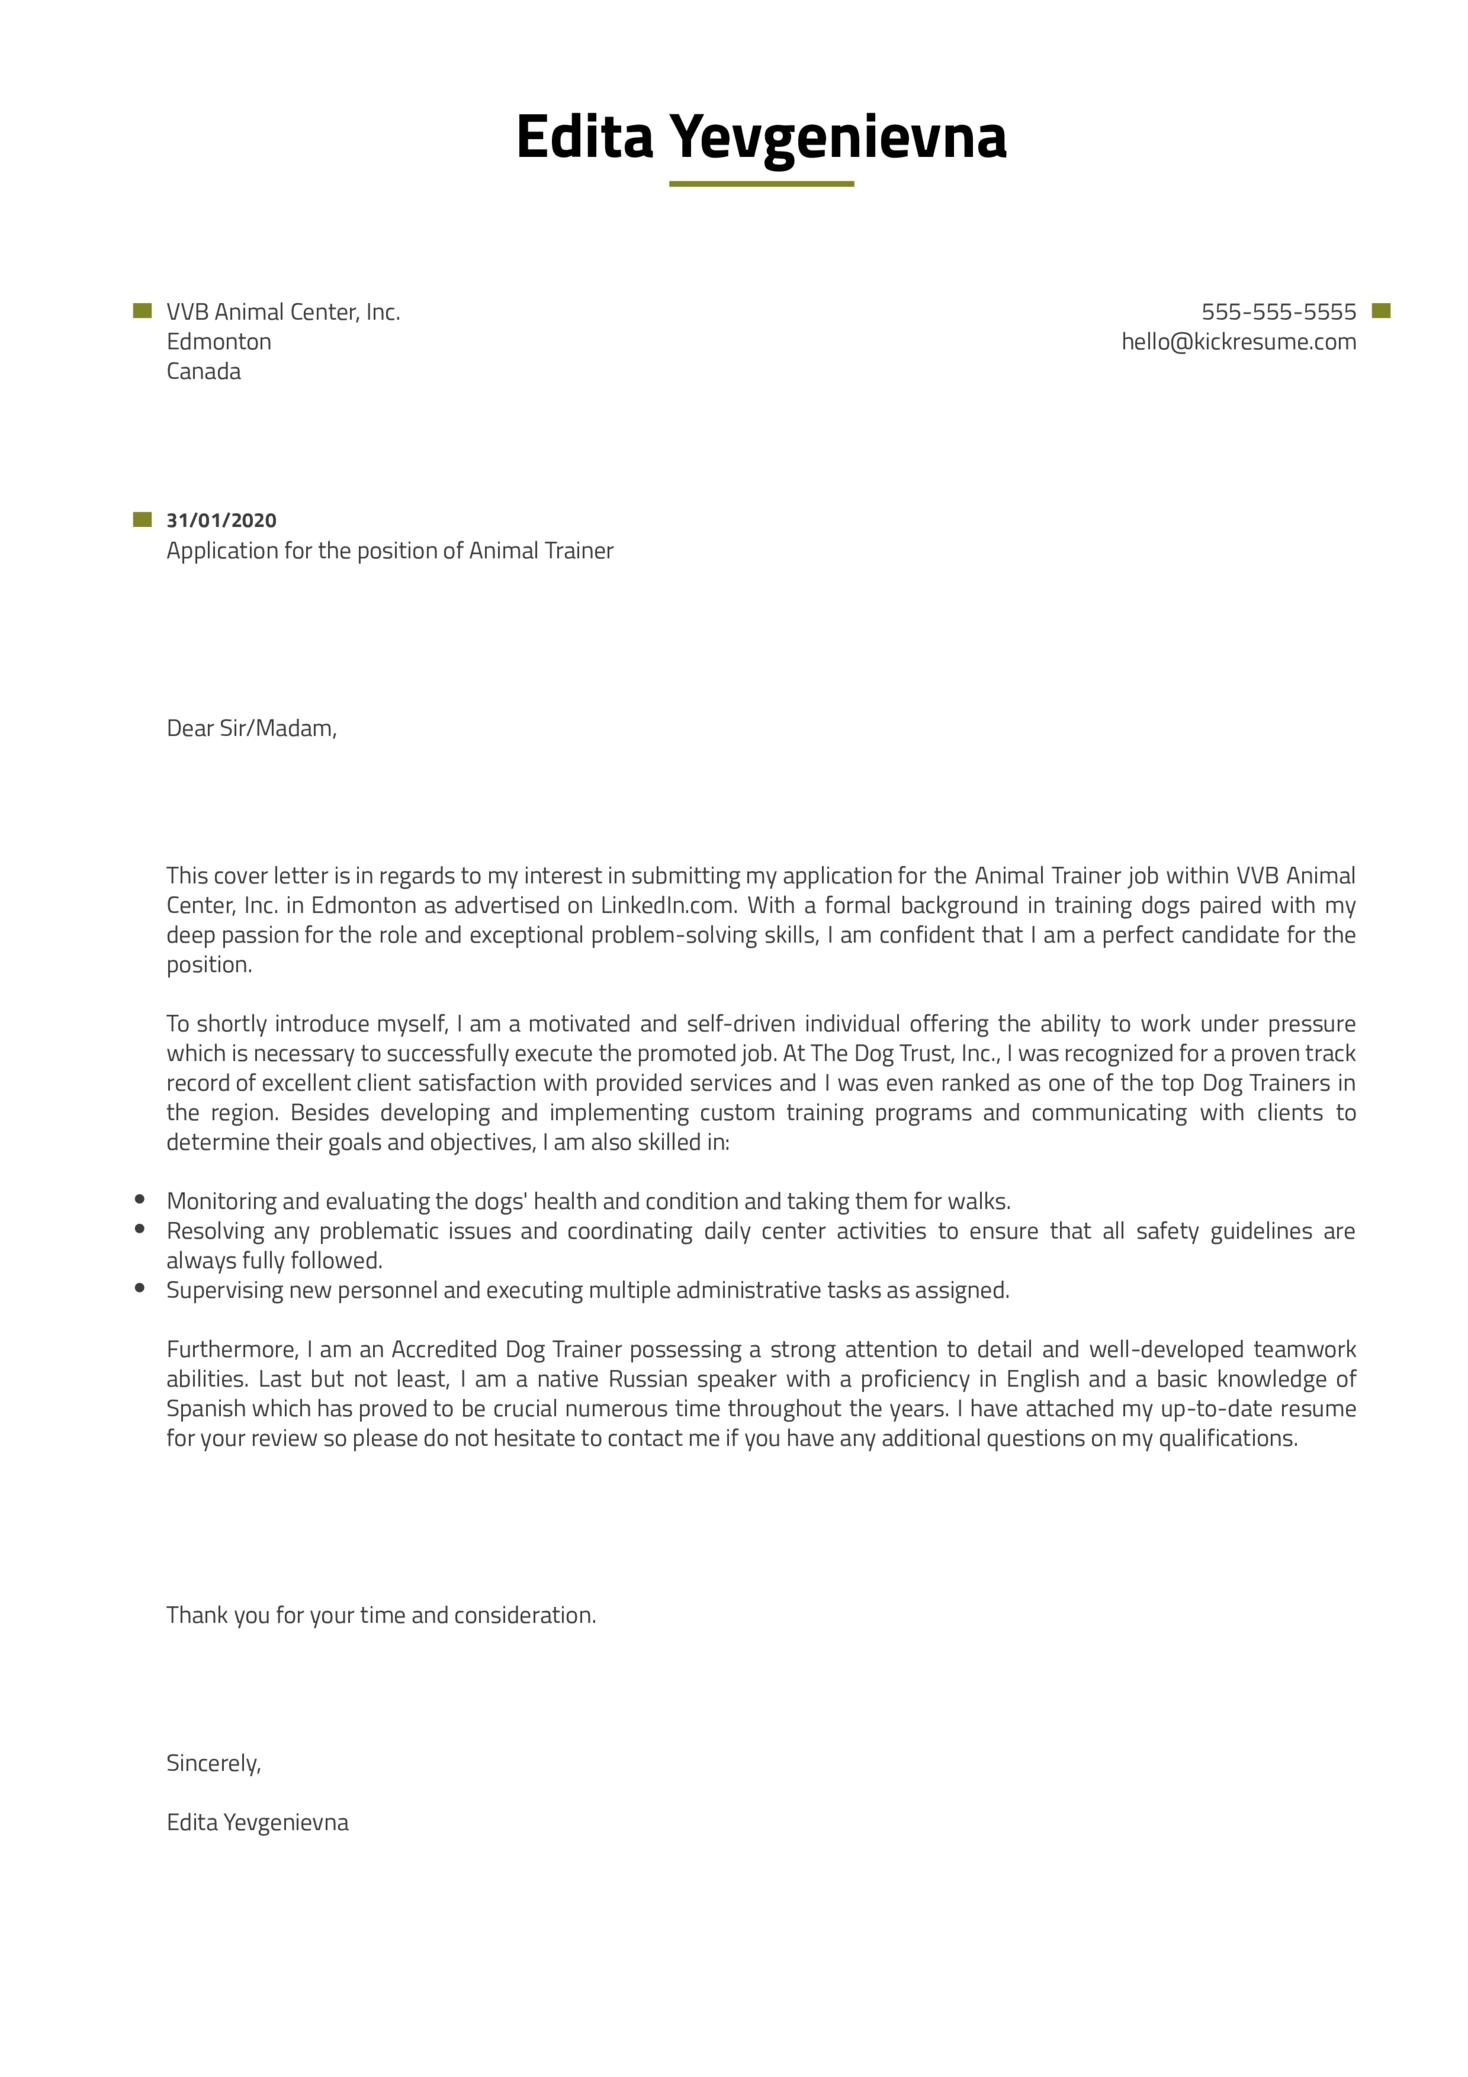 Animal Trainer Cover Letter Sample